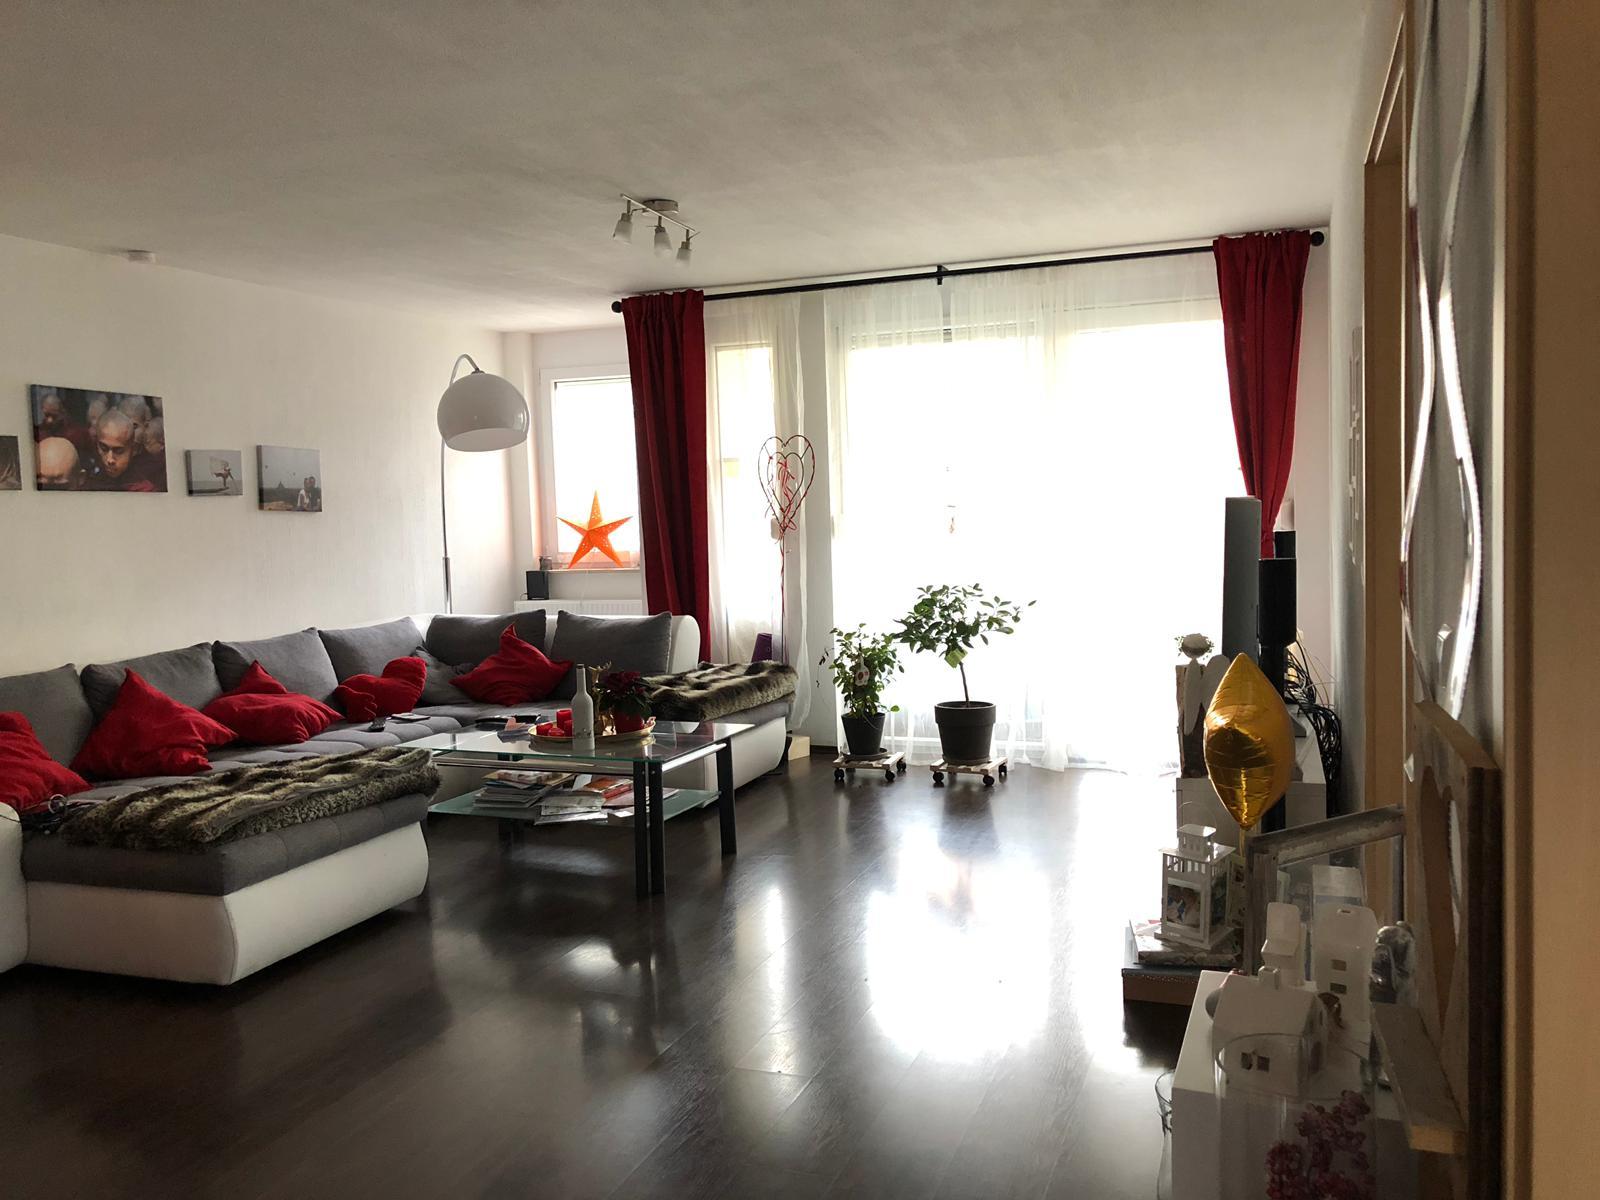 Wohnzimmer maile immobilien stuttgart - Wohnzimmer stuttgart ...